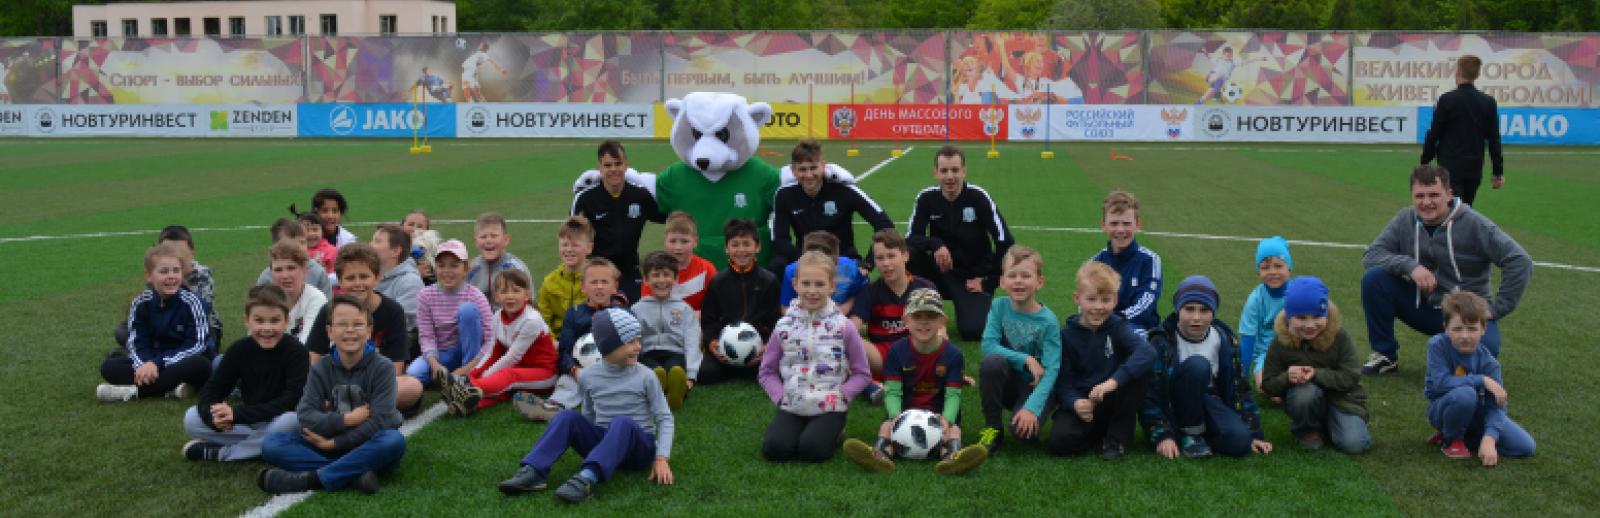 На стадионе «Электрон» прошел «День массового футбола»